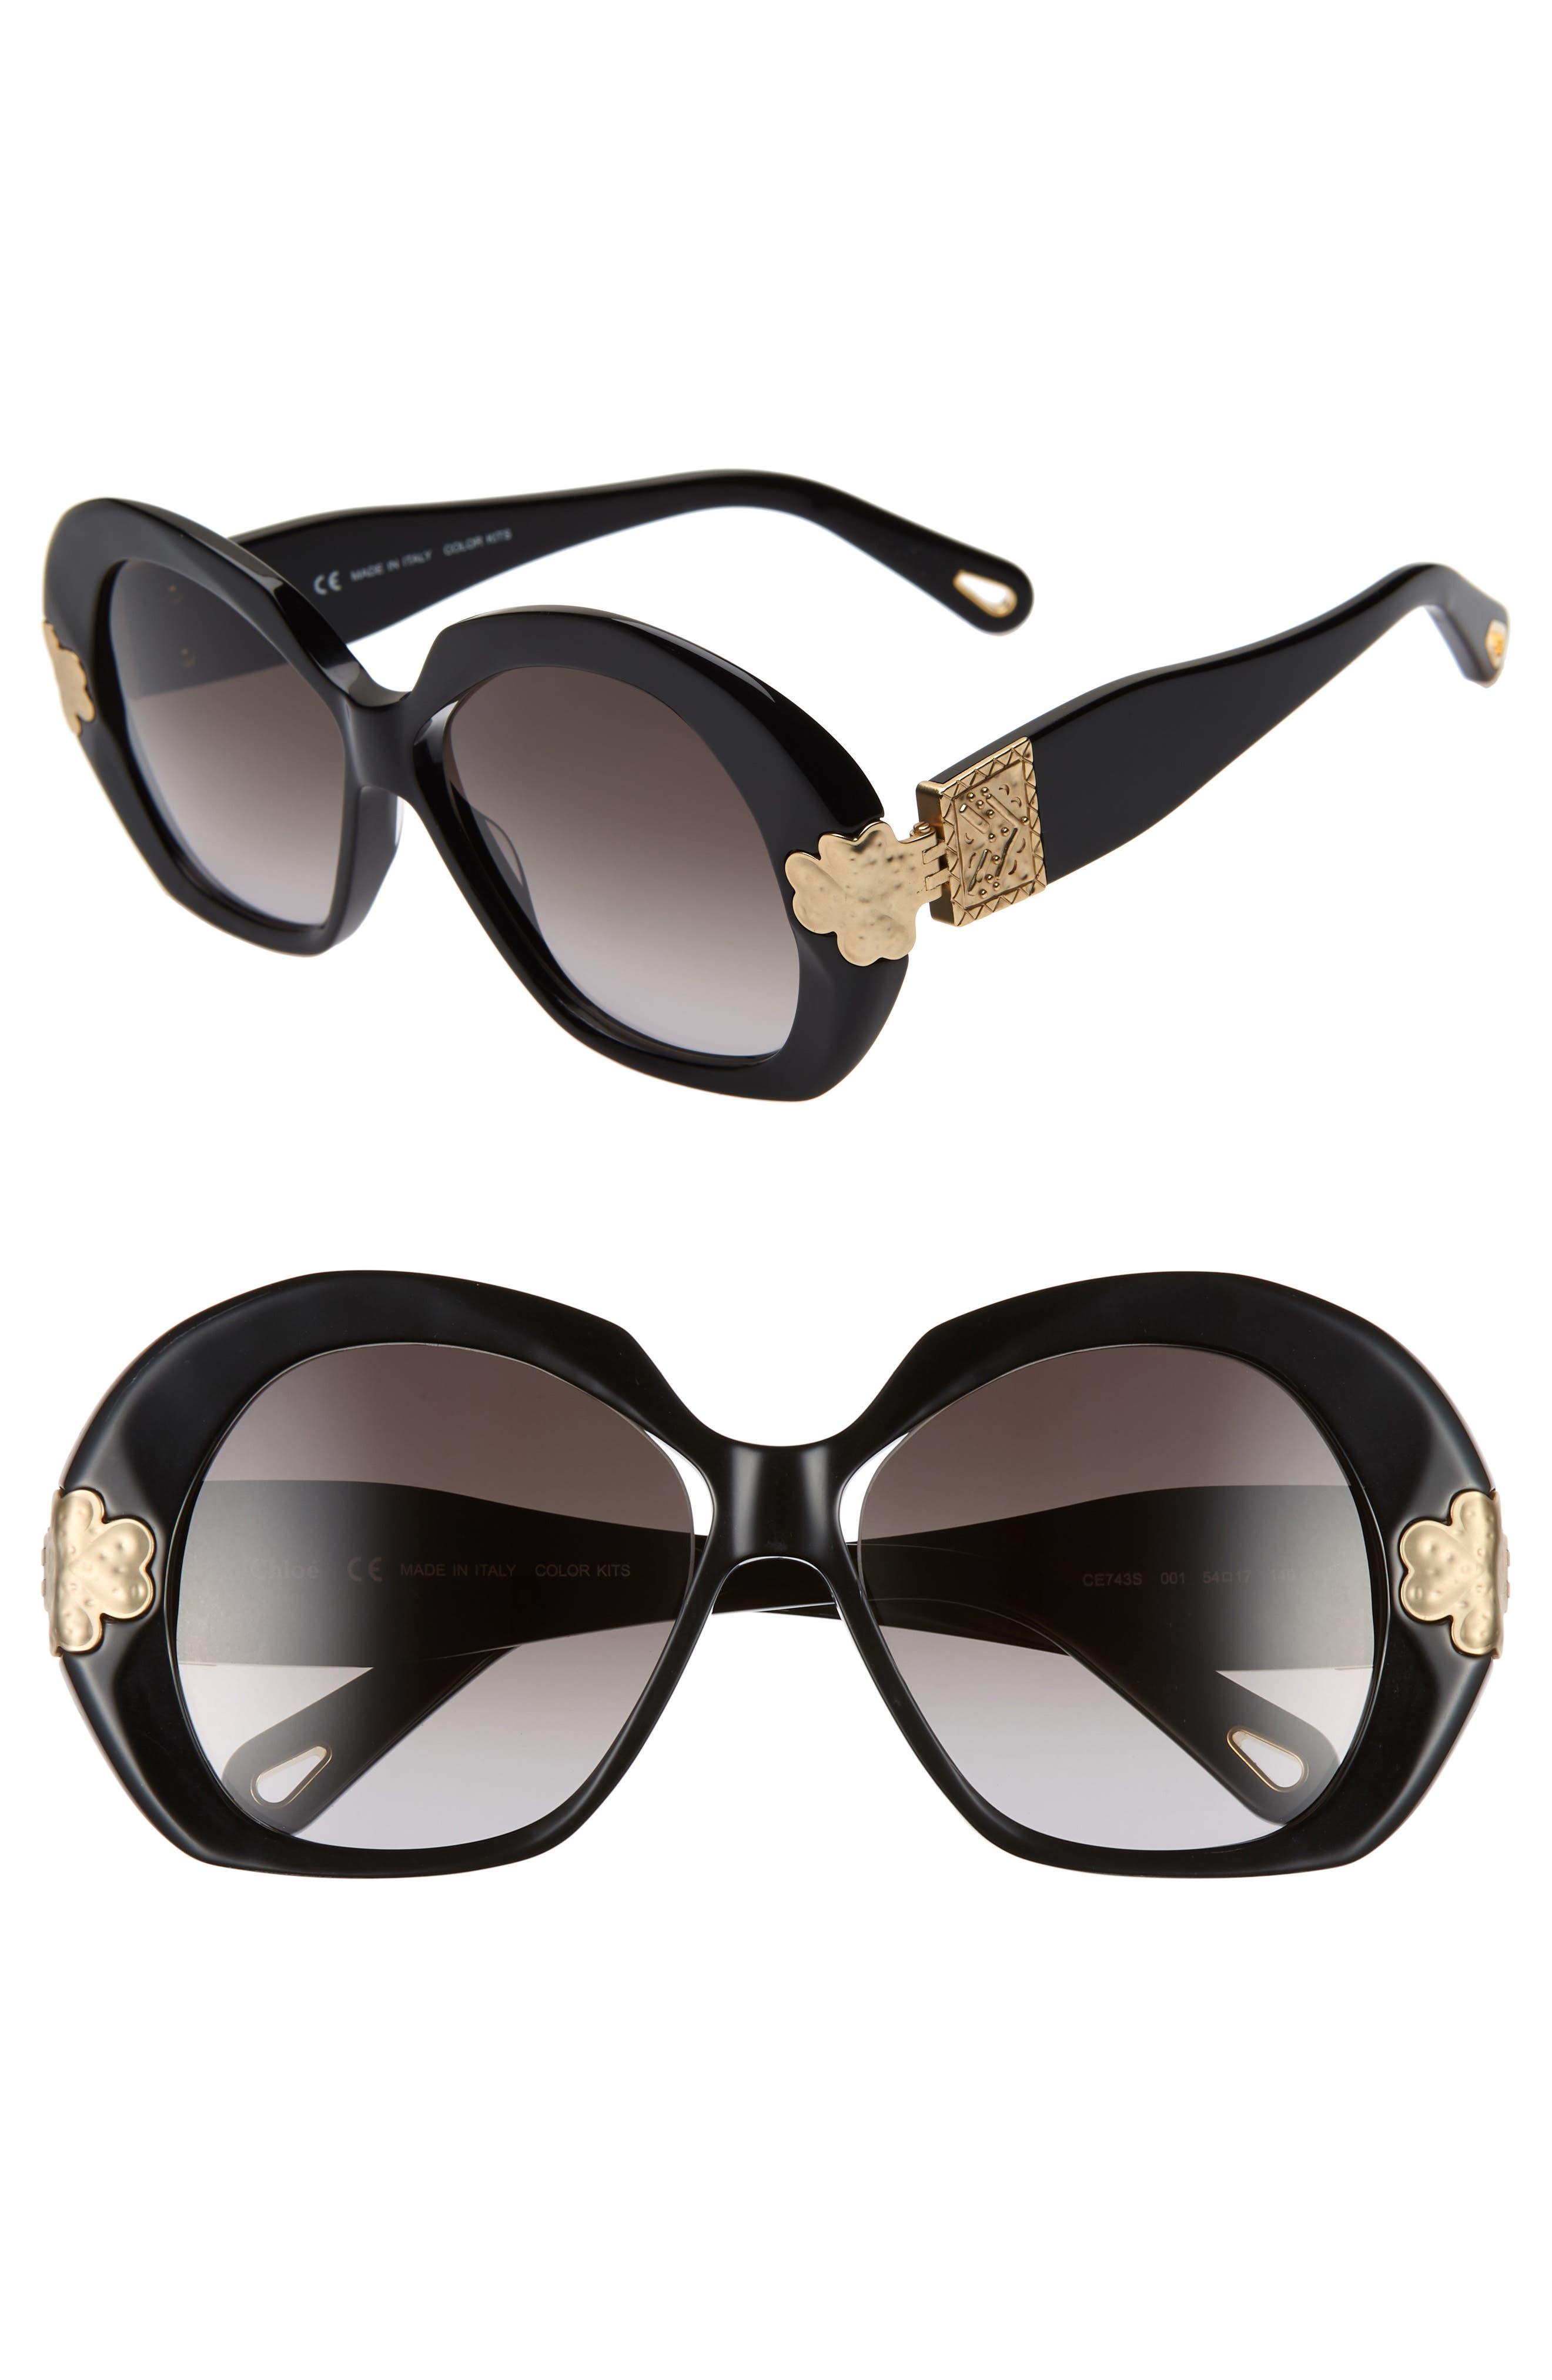 Chloe 5m Oval Sunglasses -